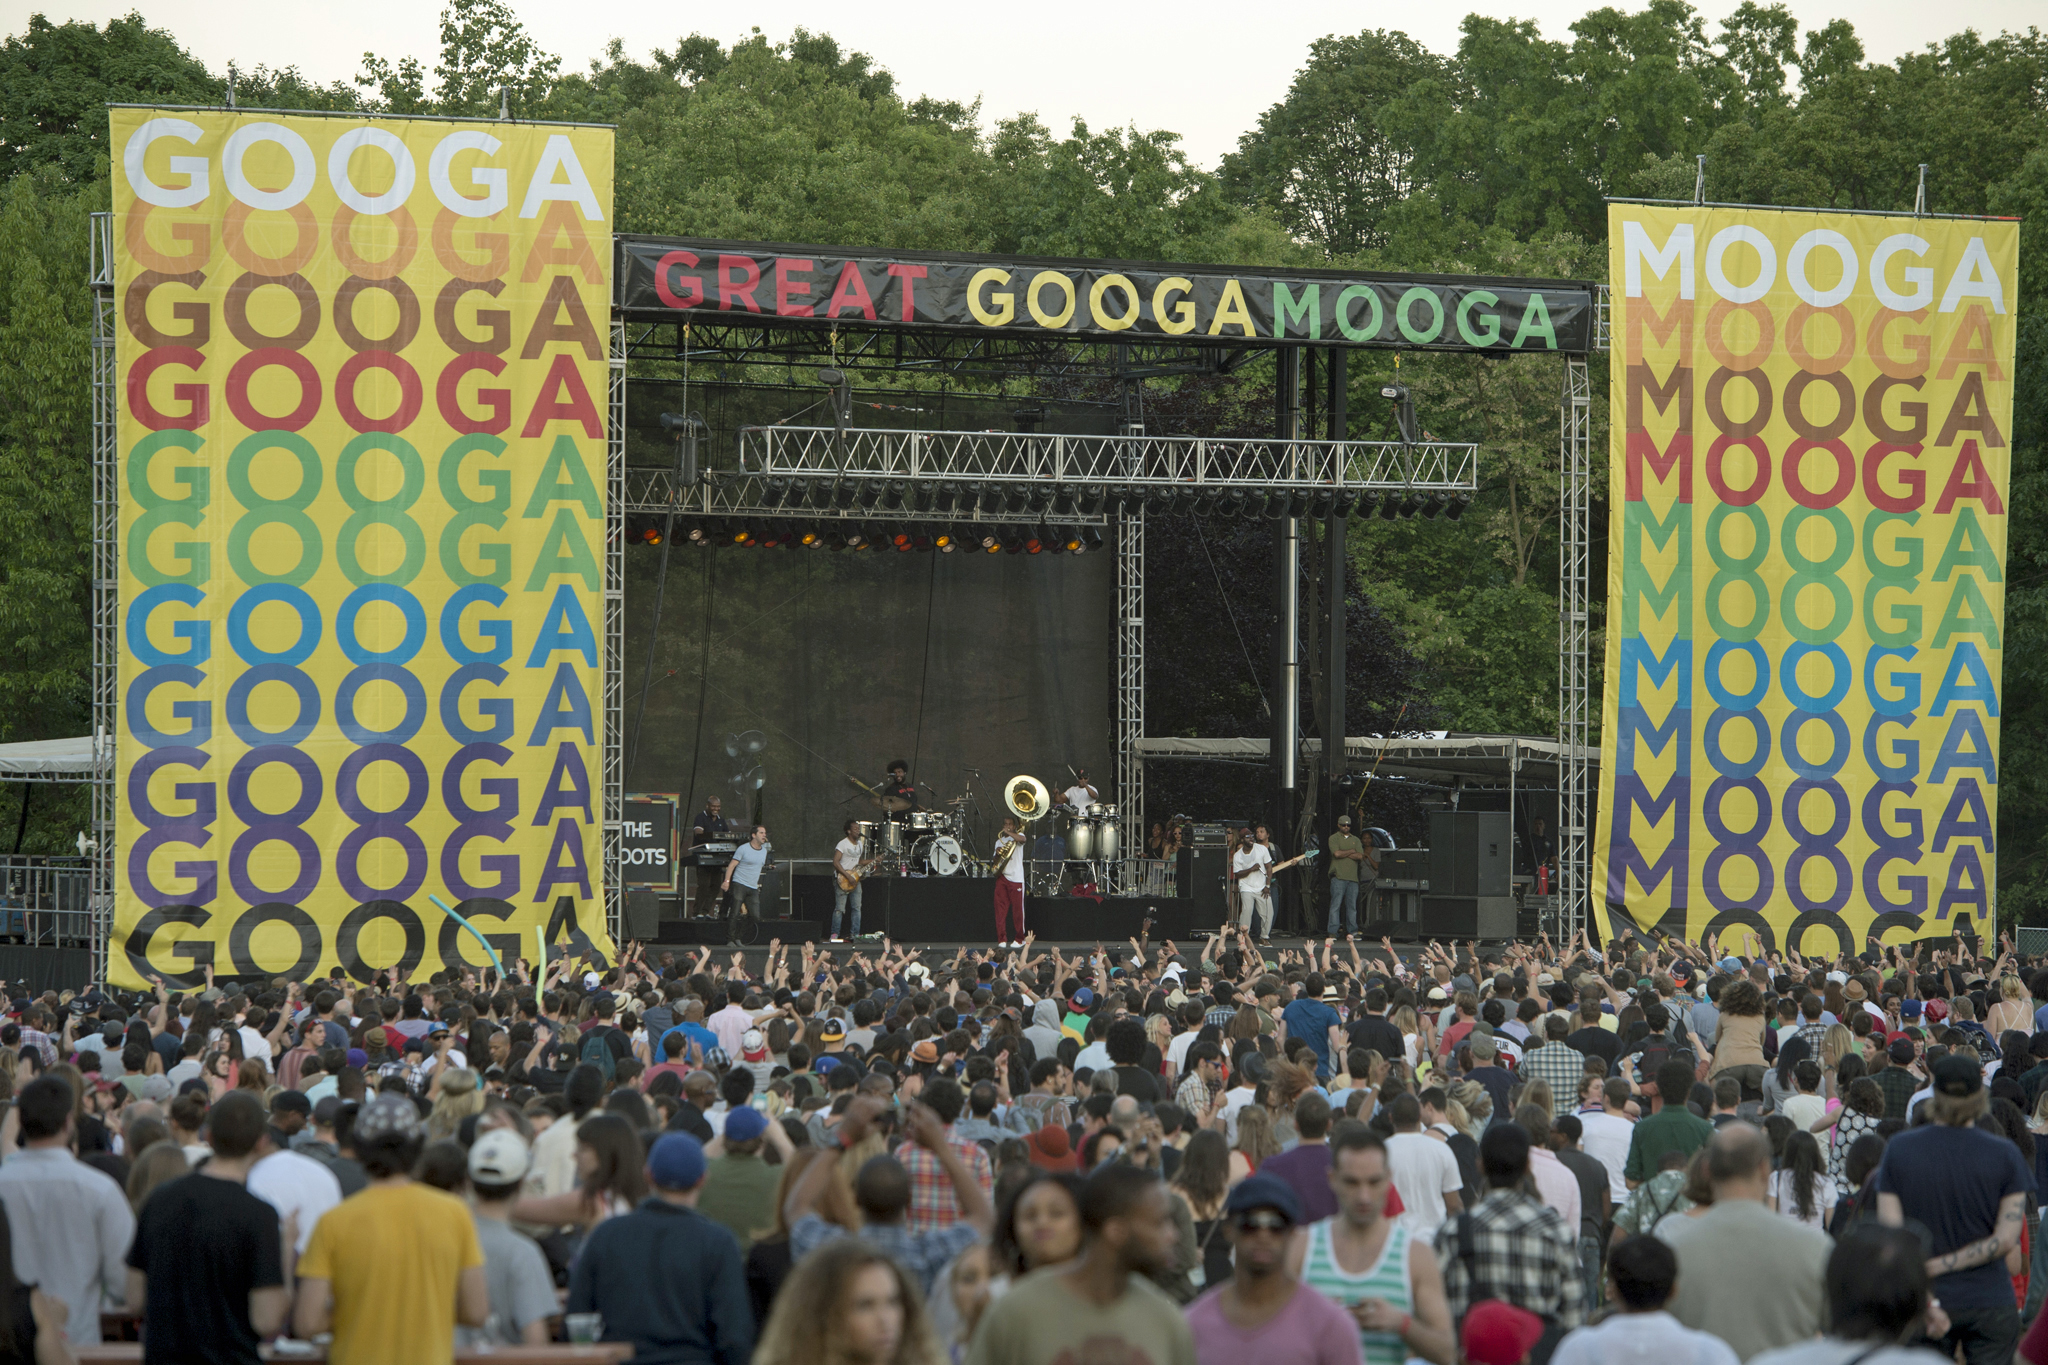 The Great GoogaMooga